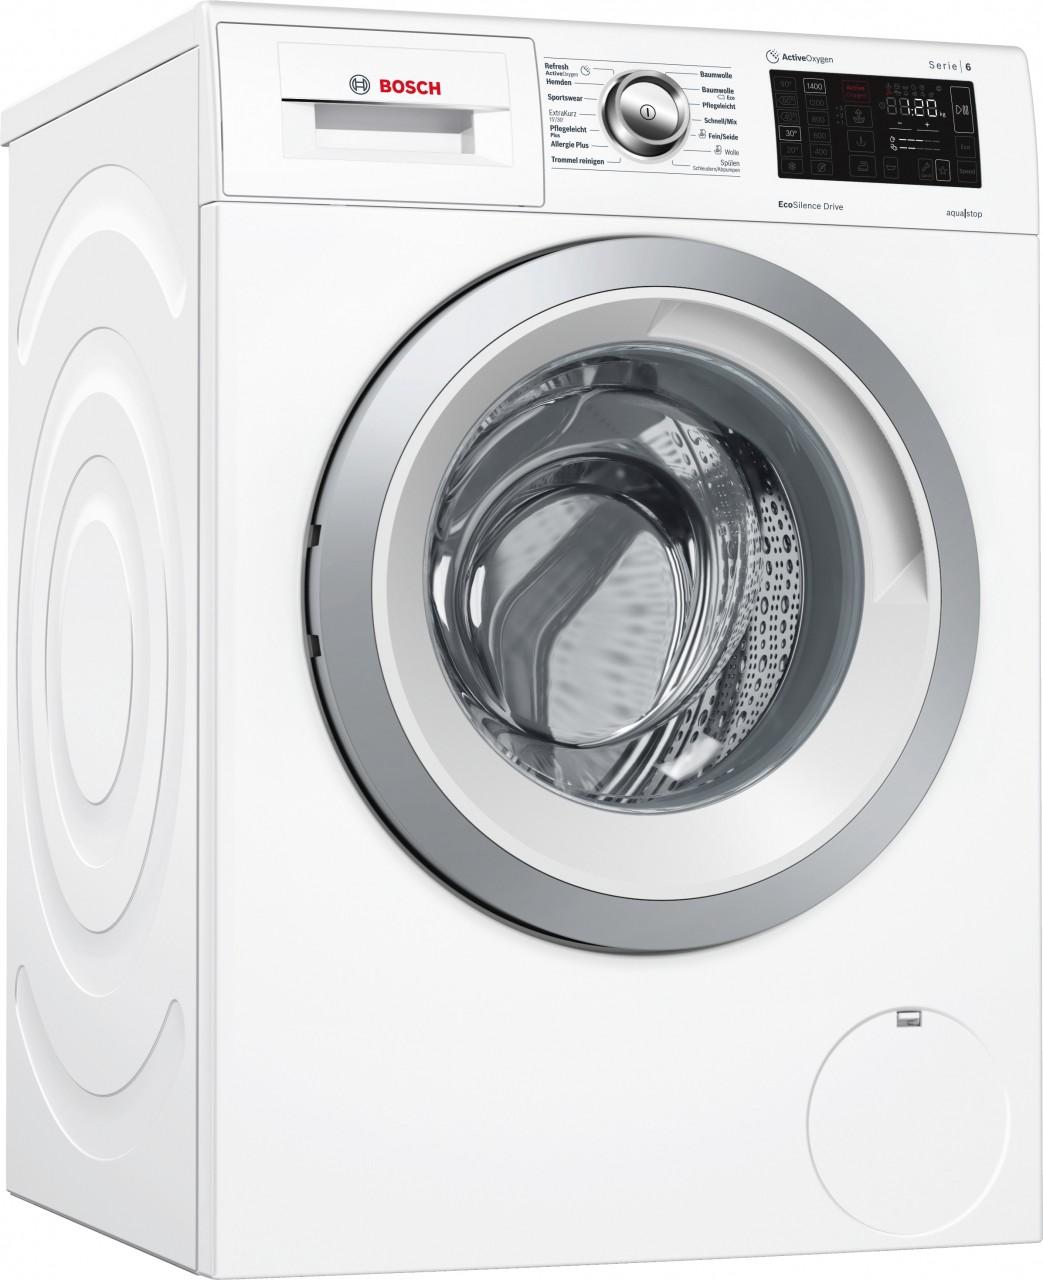 Bosch WAT287F0 Serie 6, Waschmaschine, Frontlader, 8 kg